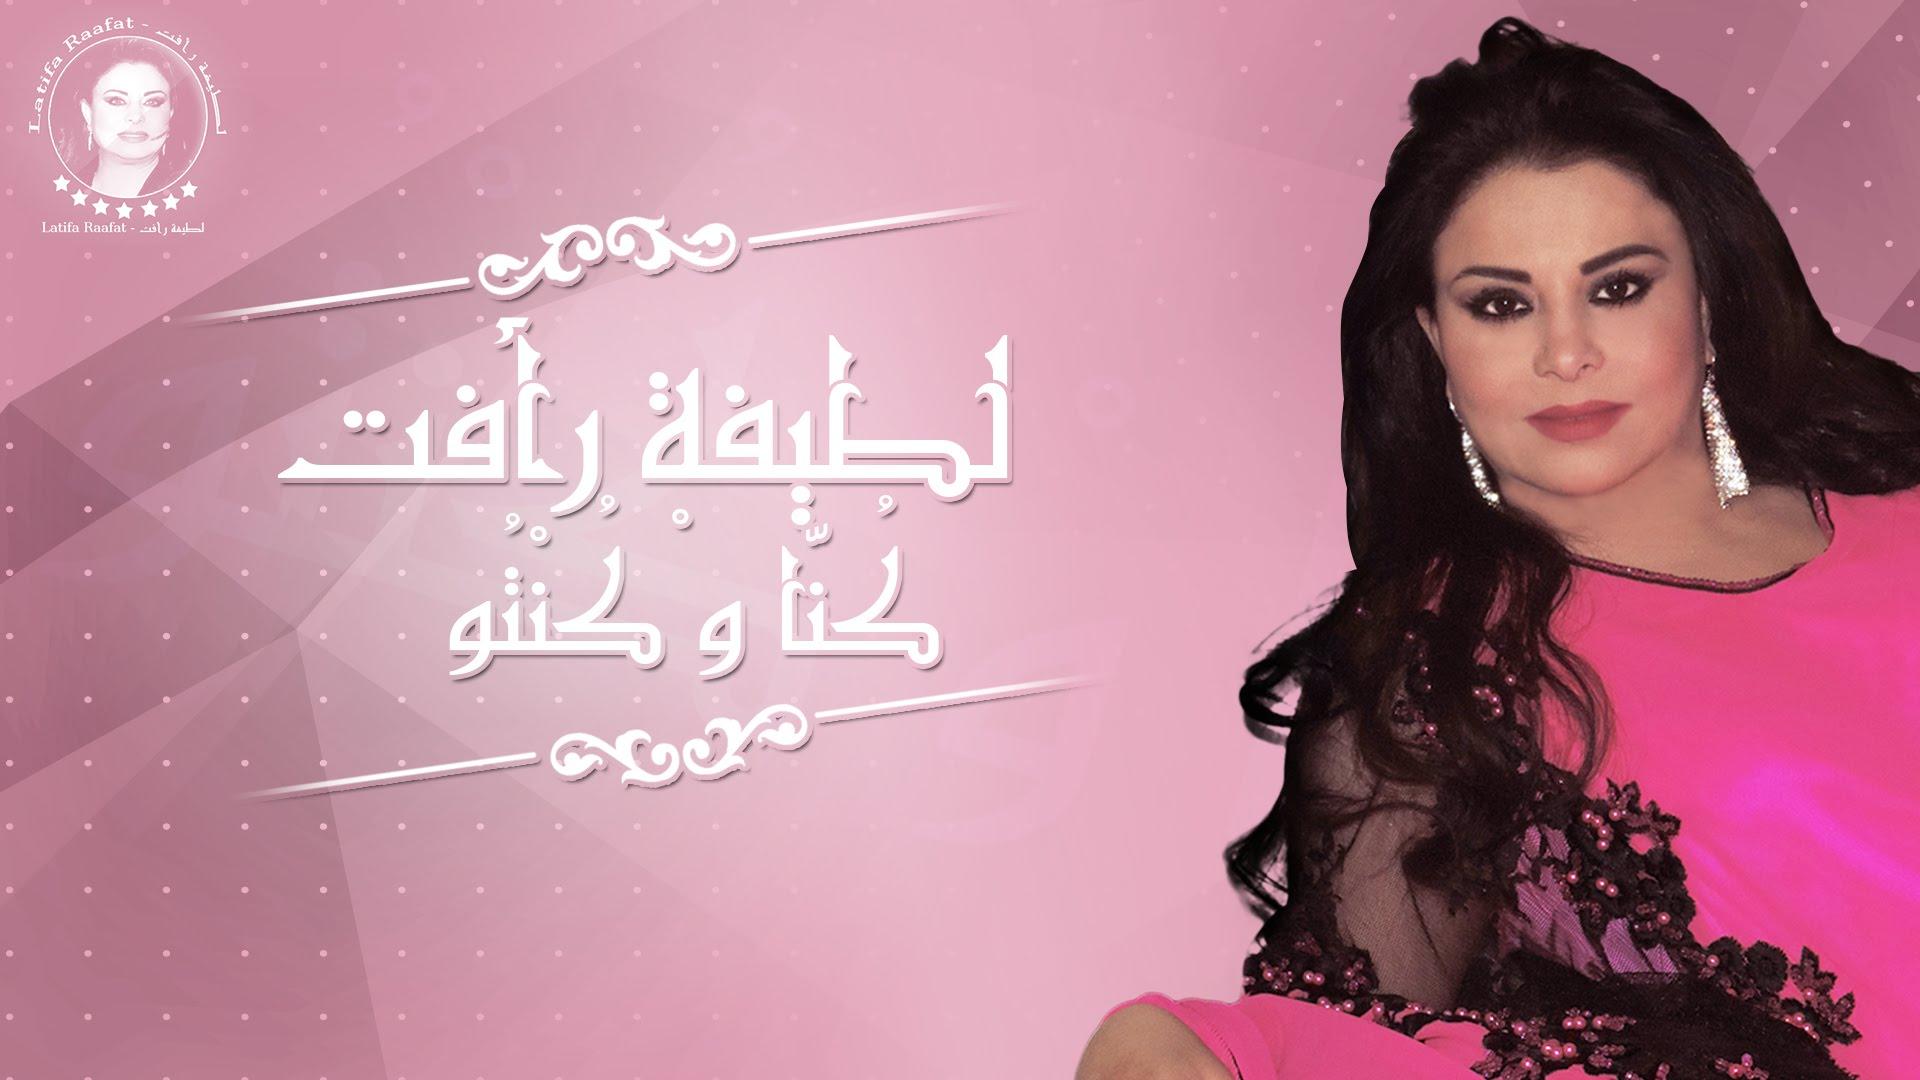 هيفاء وهبي تهدد بمقاضاة مصممة مغربية بسبب صورة